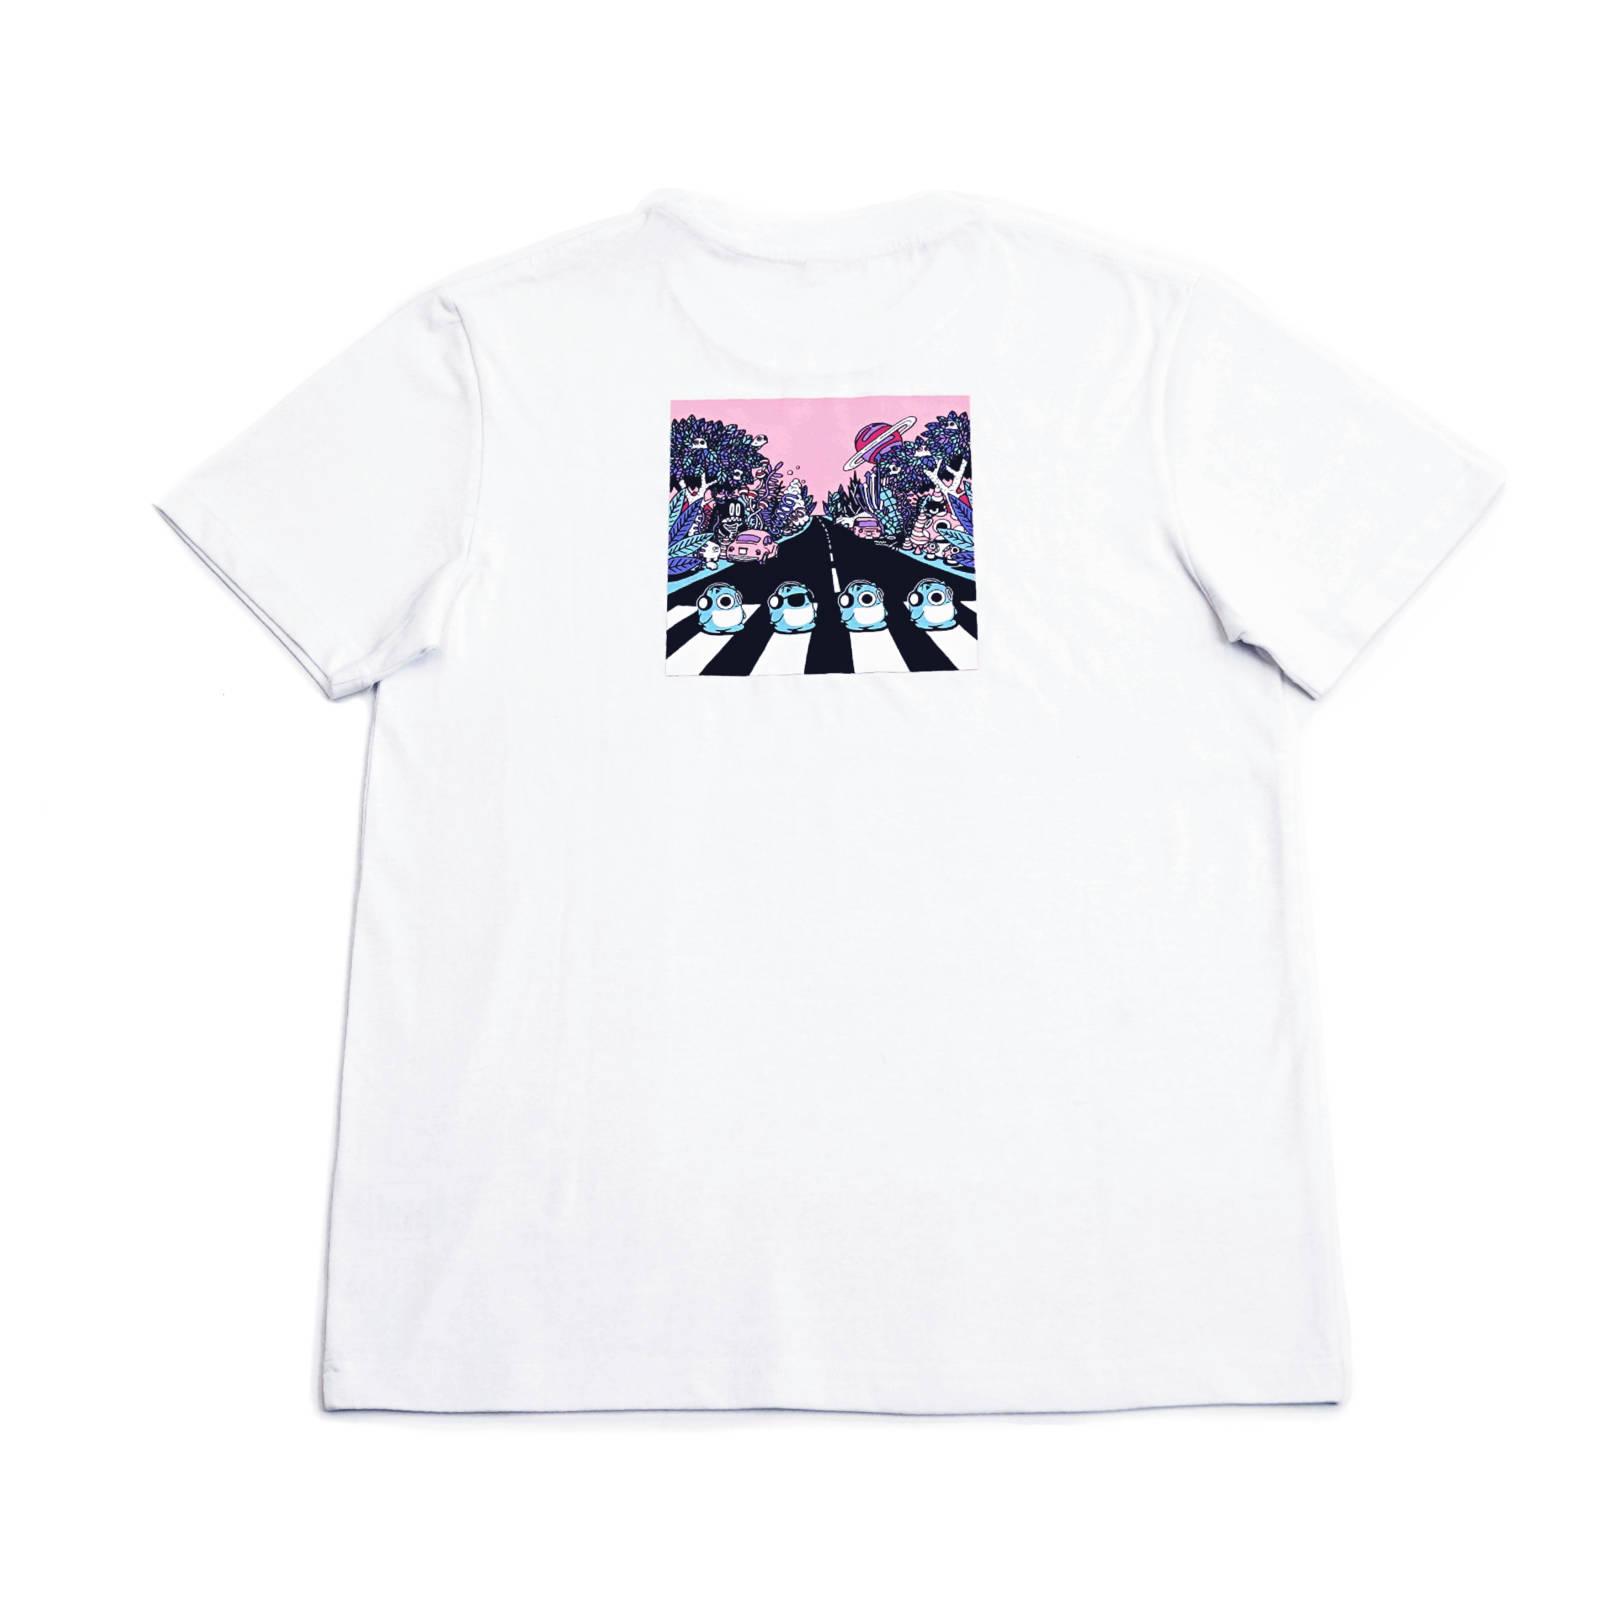 Tシャツ_アビーロード_02